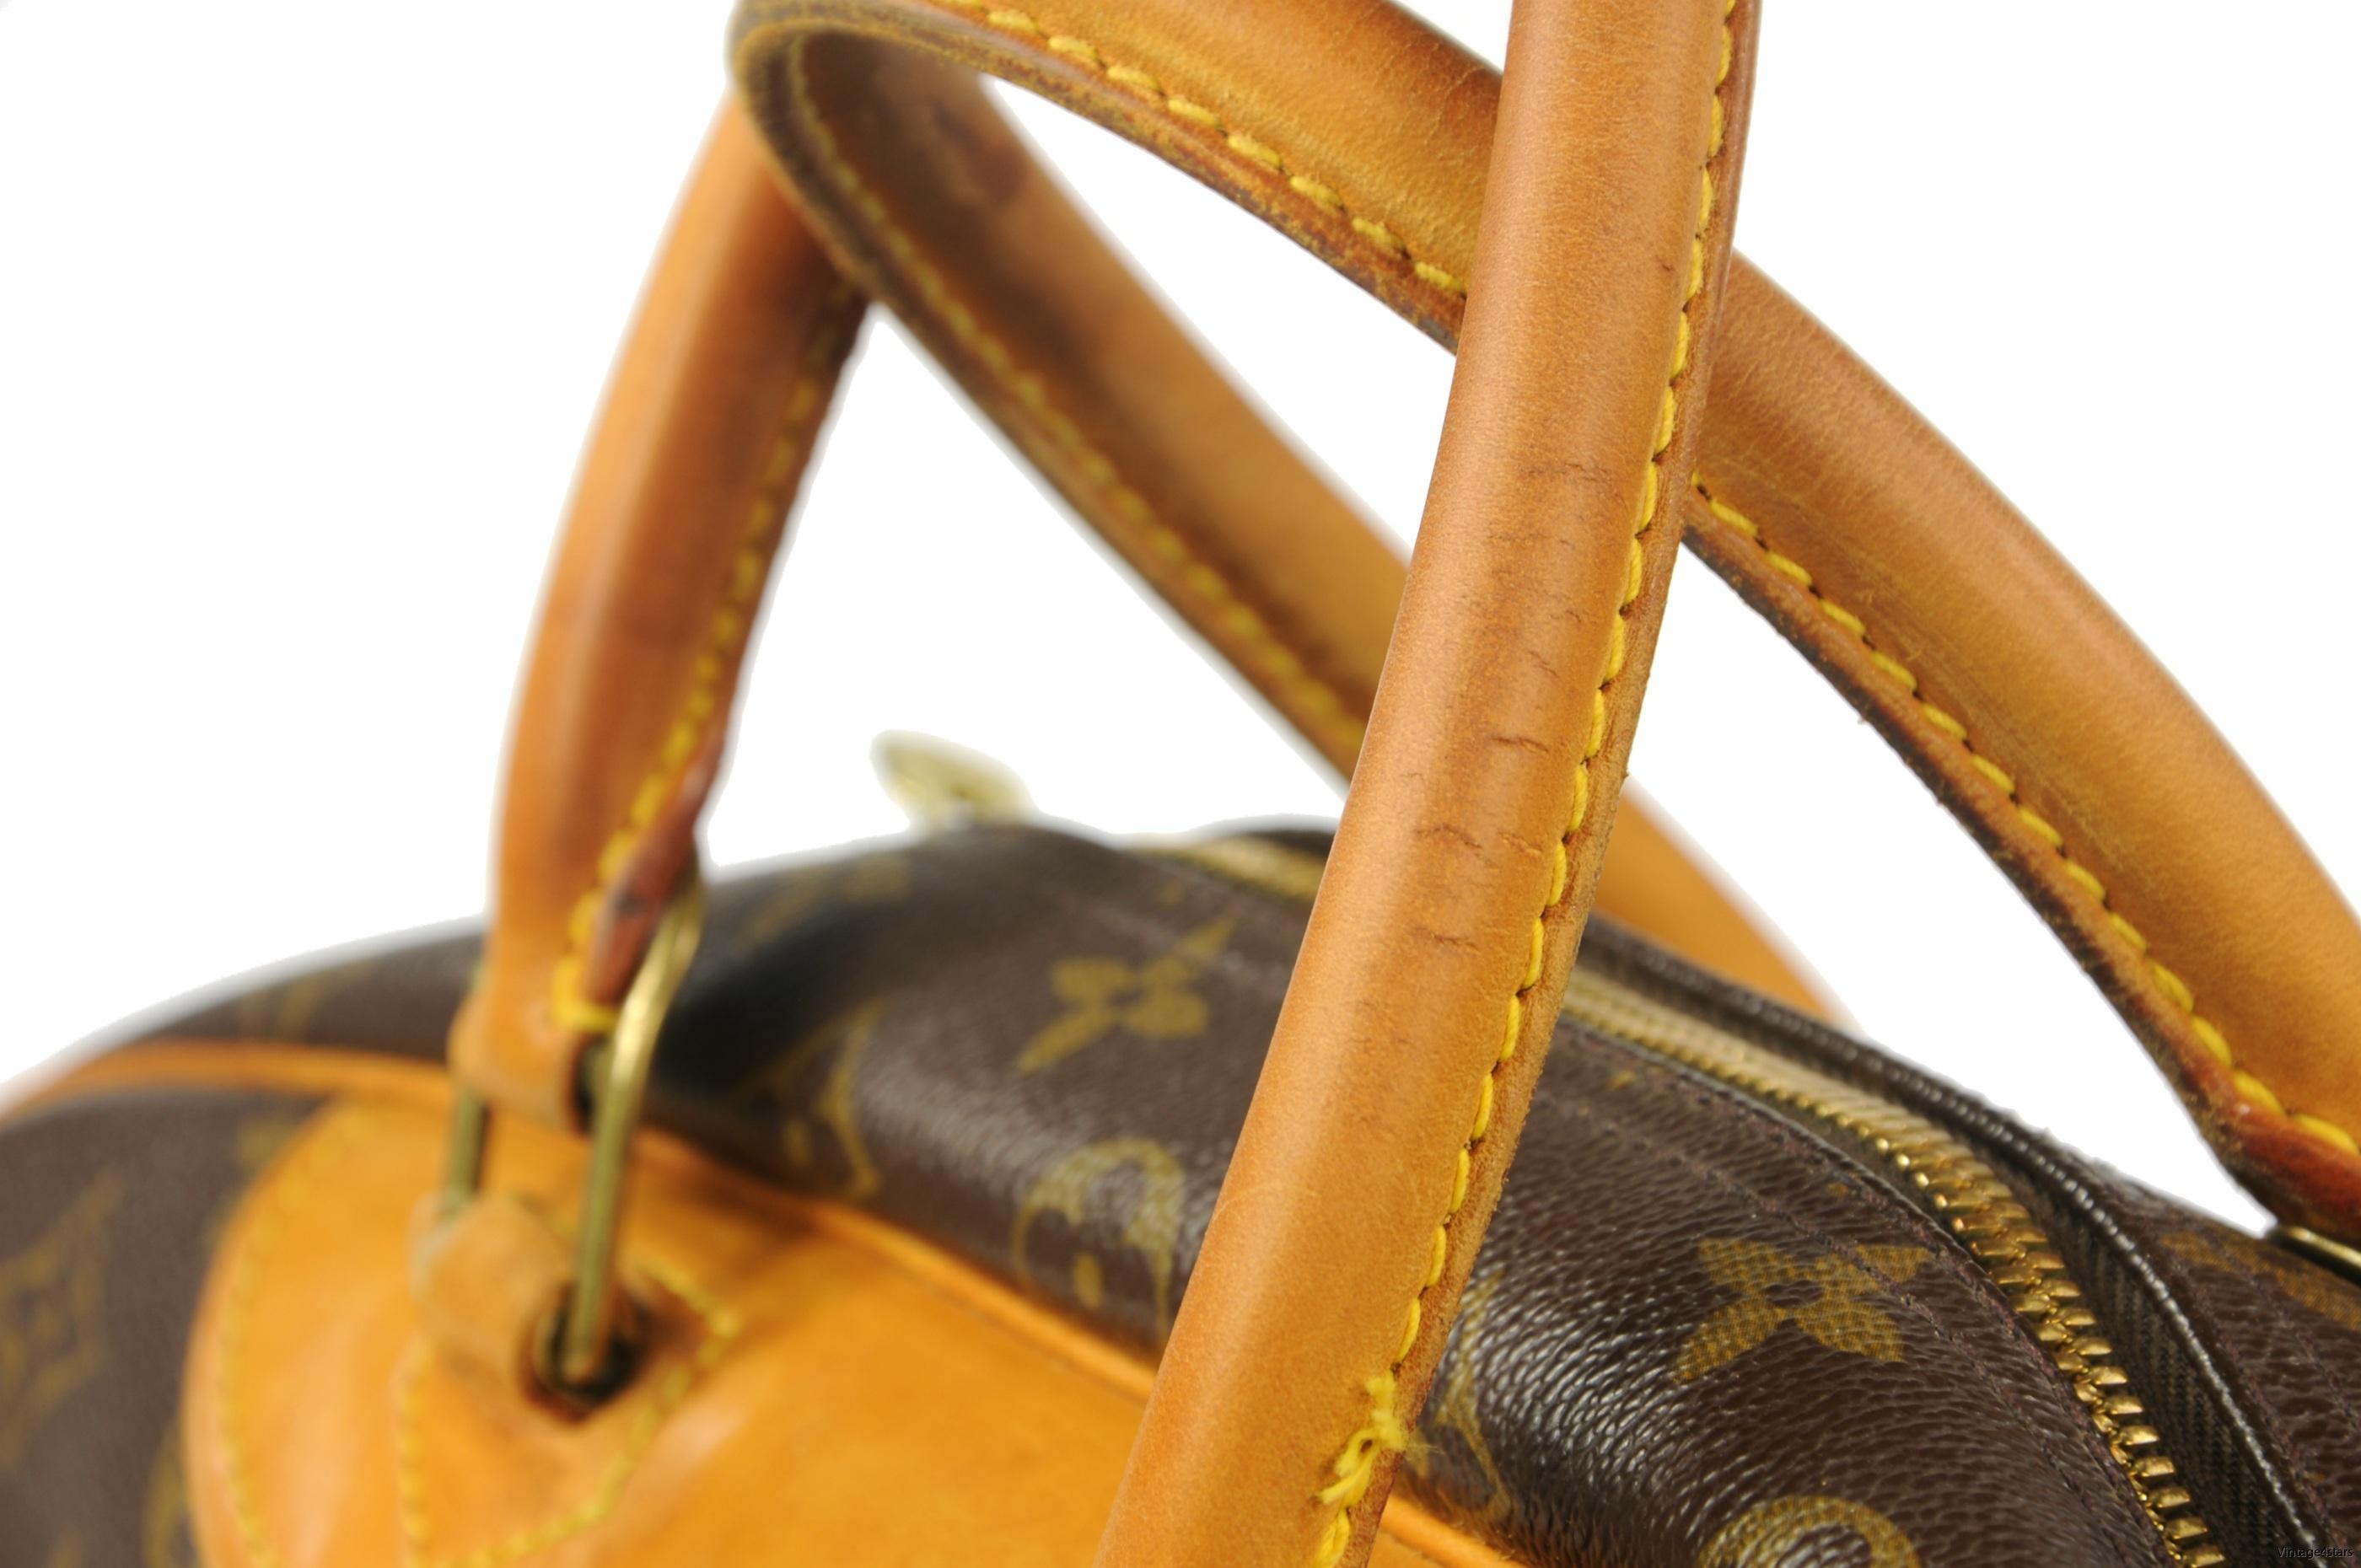 Louis Vuitton Deauville Monogram 8